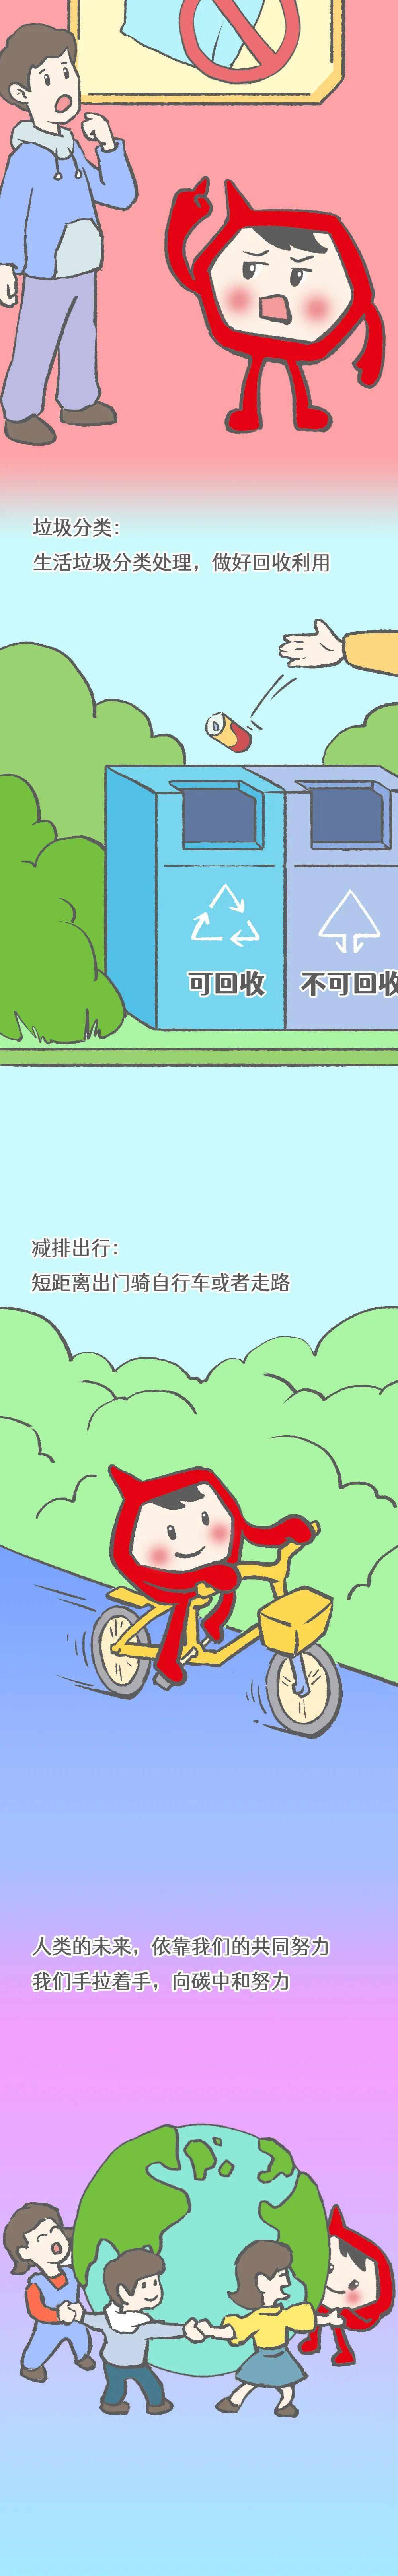 """中国石化发行国内油气行业首支""""绿色债券"""""""